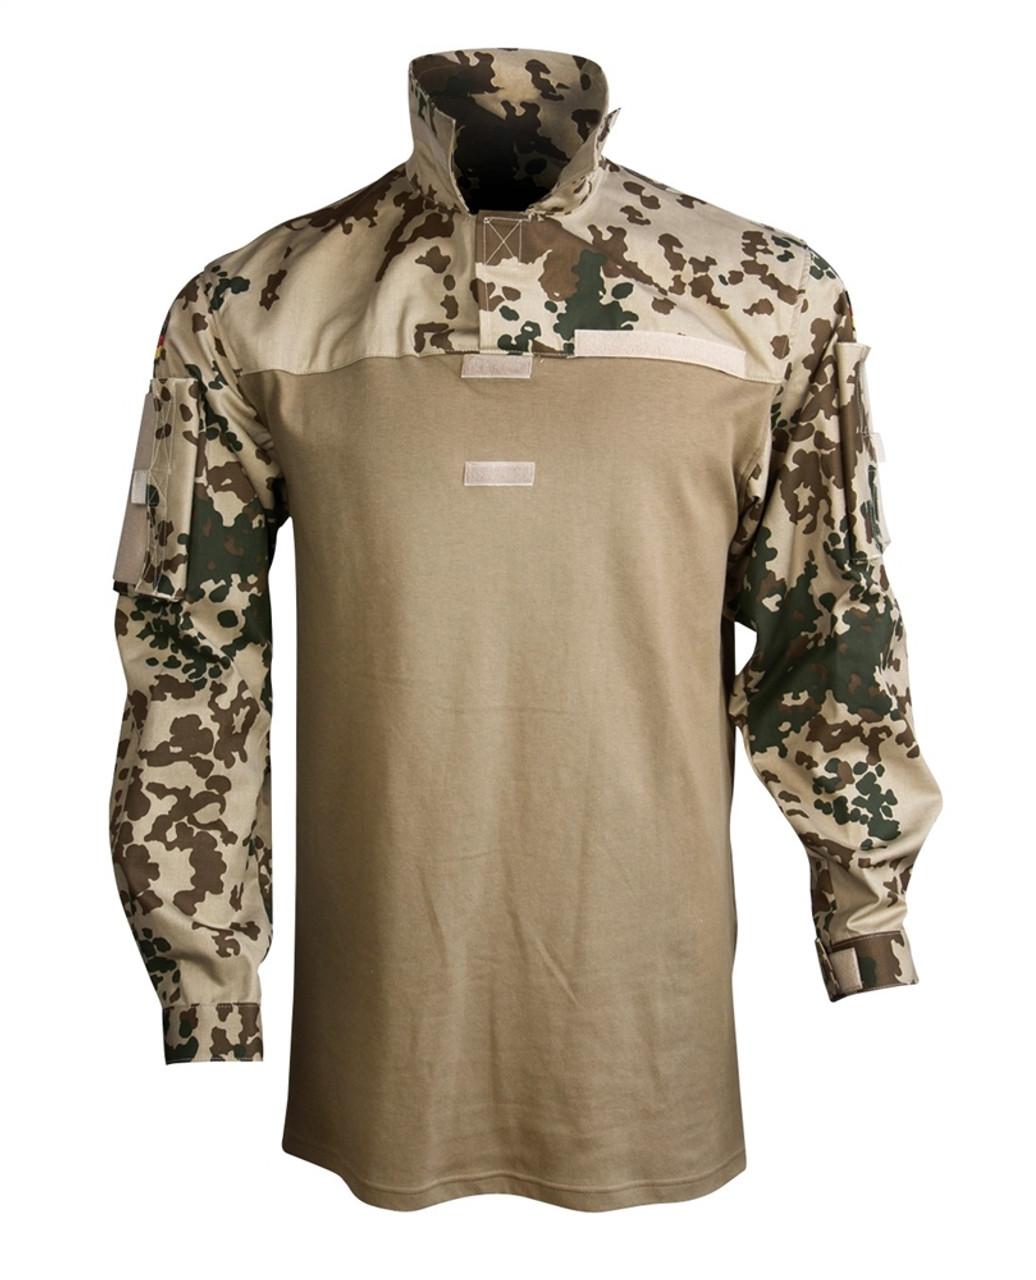 Flecktarn Bw Tropical Combat Shirt from Hessen Antique